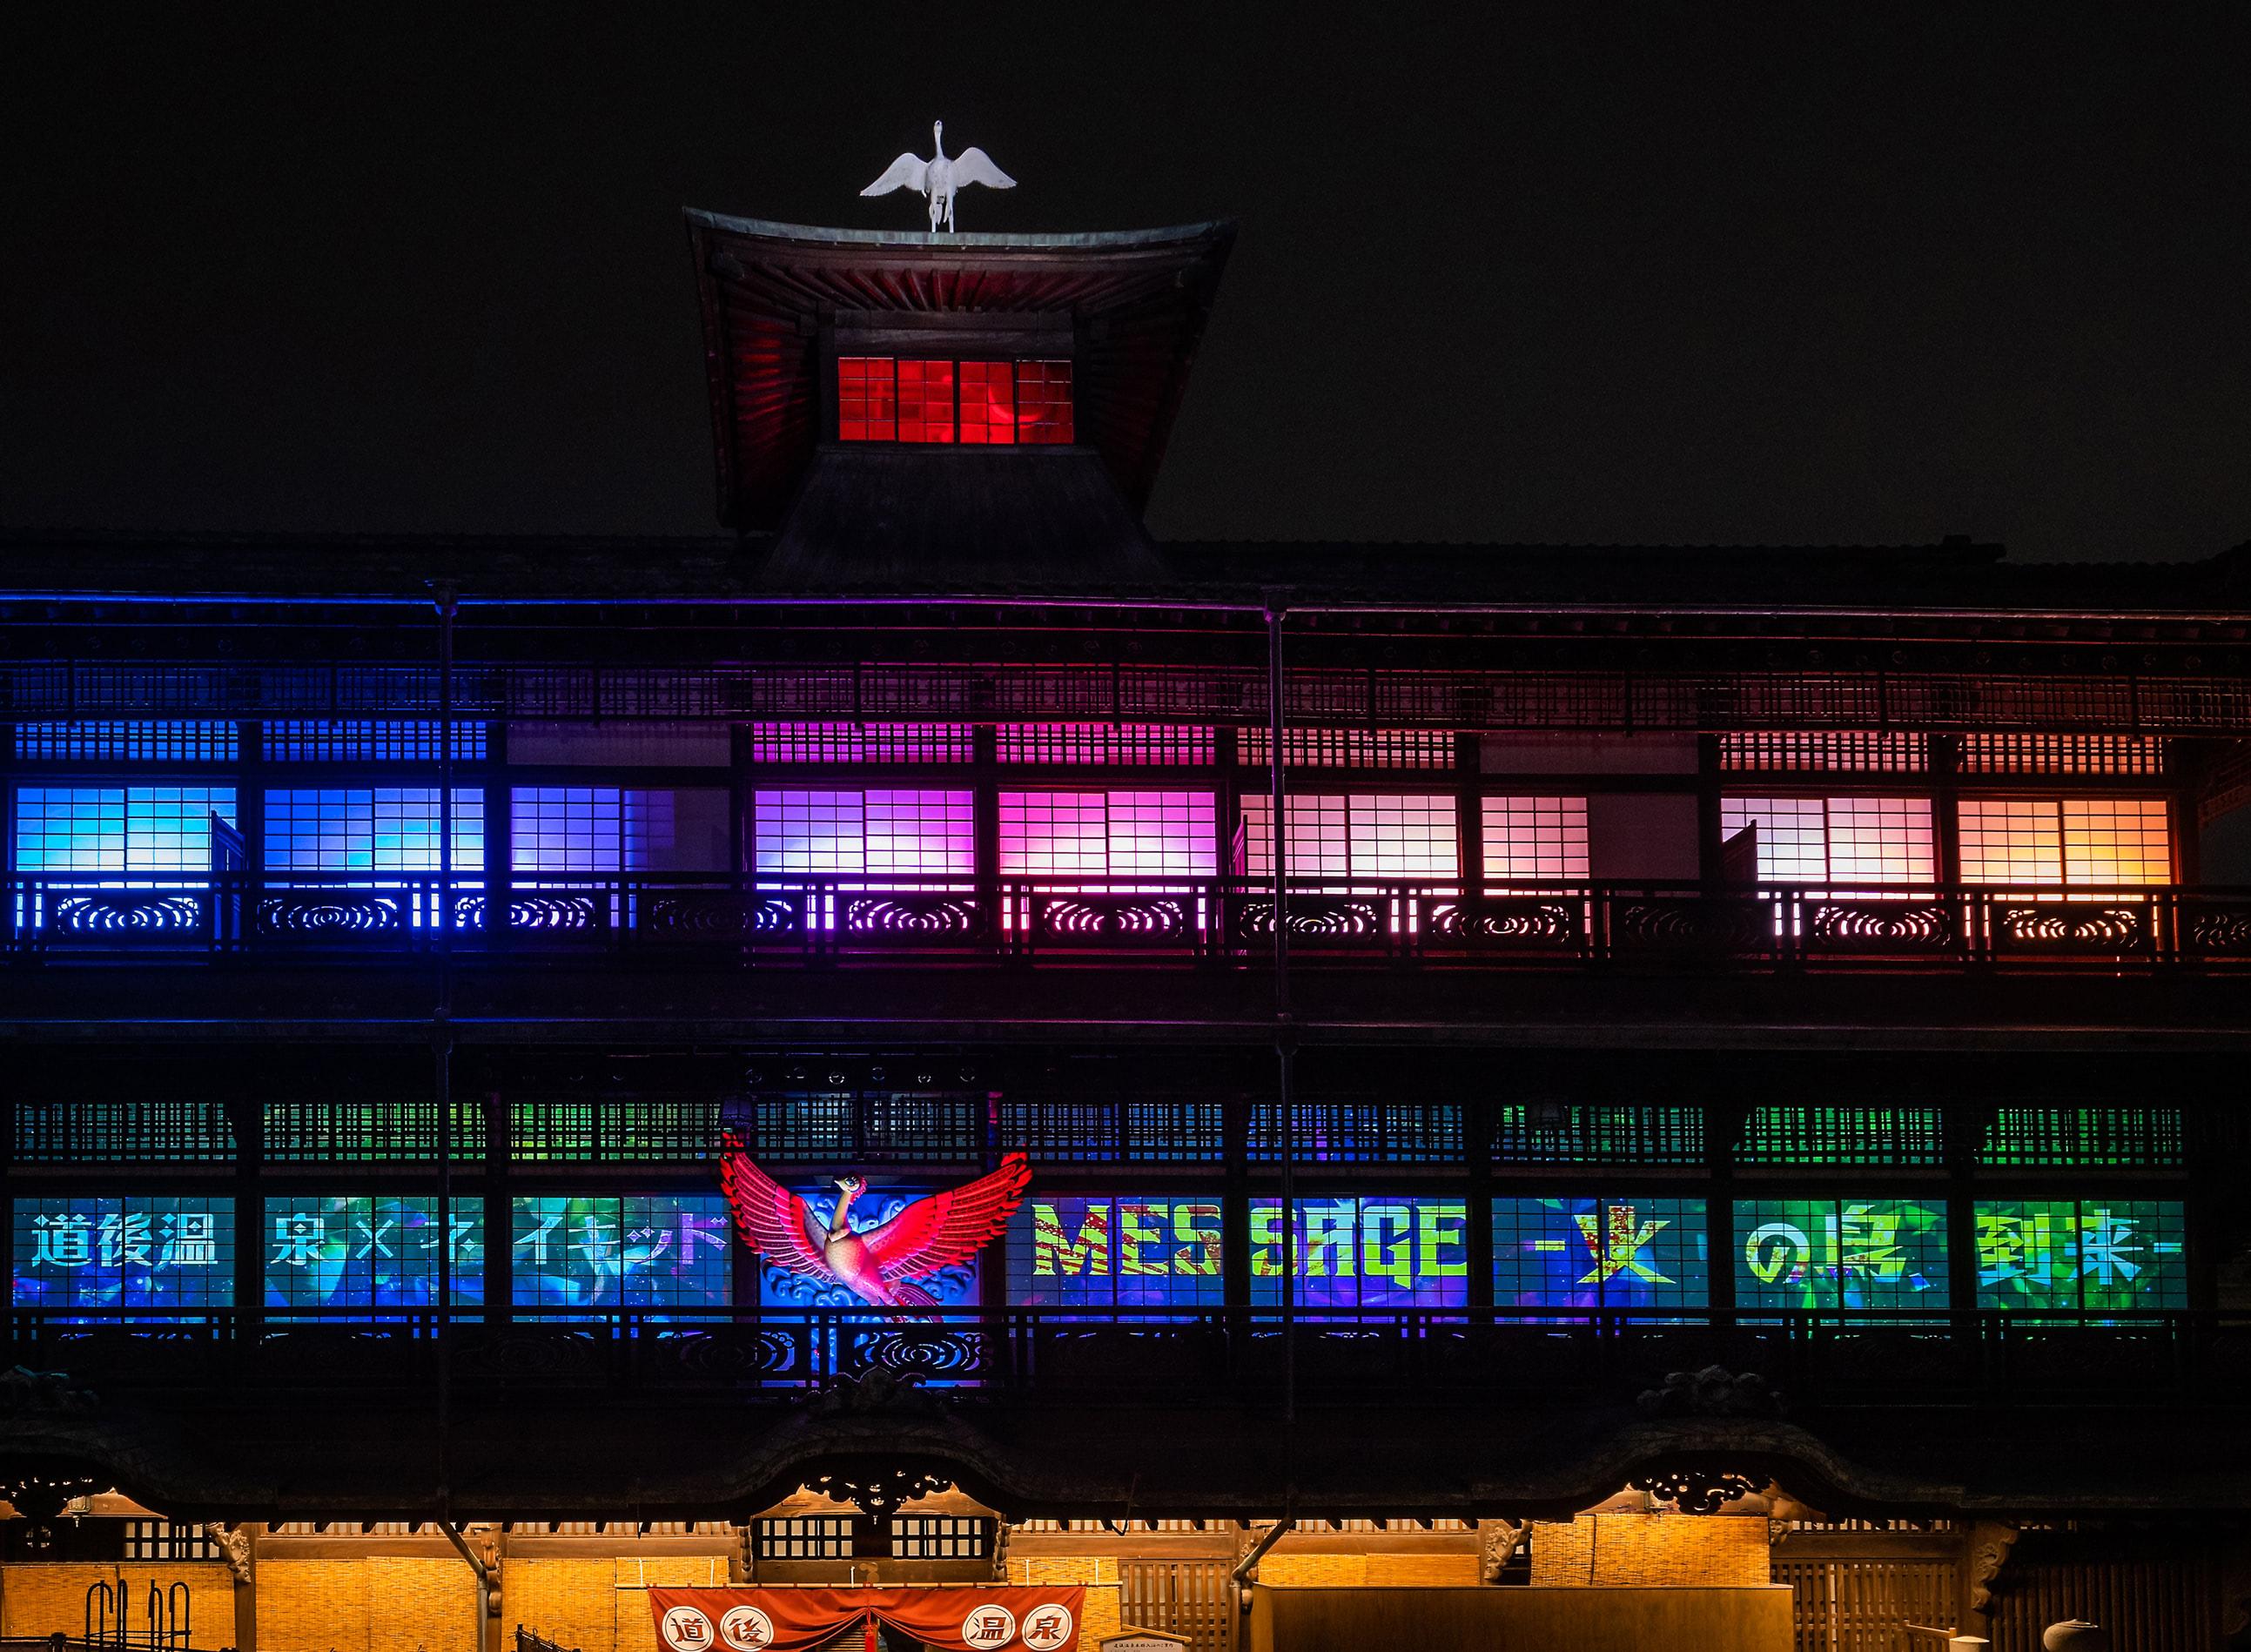 「道後温泉×ネイキッド MESSAGE -火の鳥、到来-」毎日19時~21時30分開催中(15分毎) (C)TEZUKA PRODUCTIONS 企画演出 NAKED Inc.